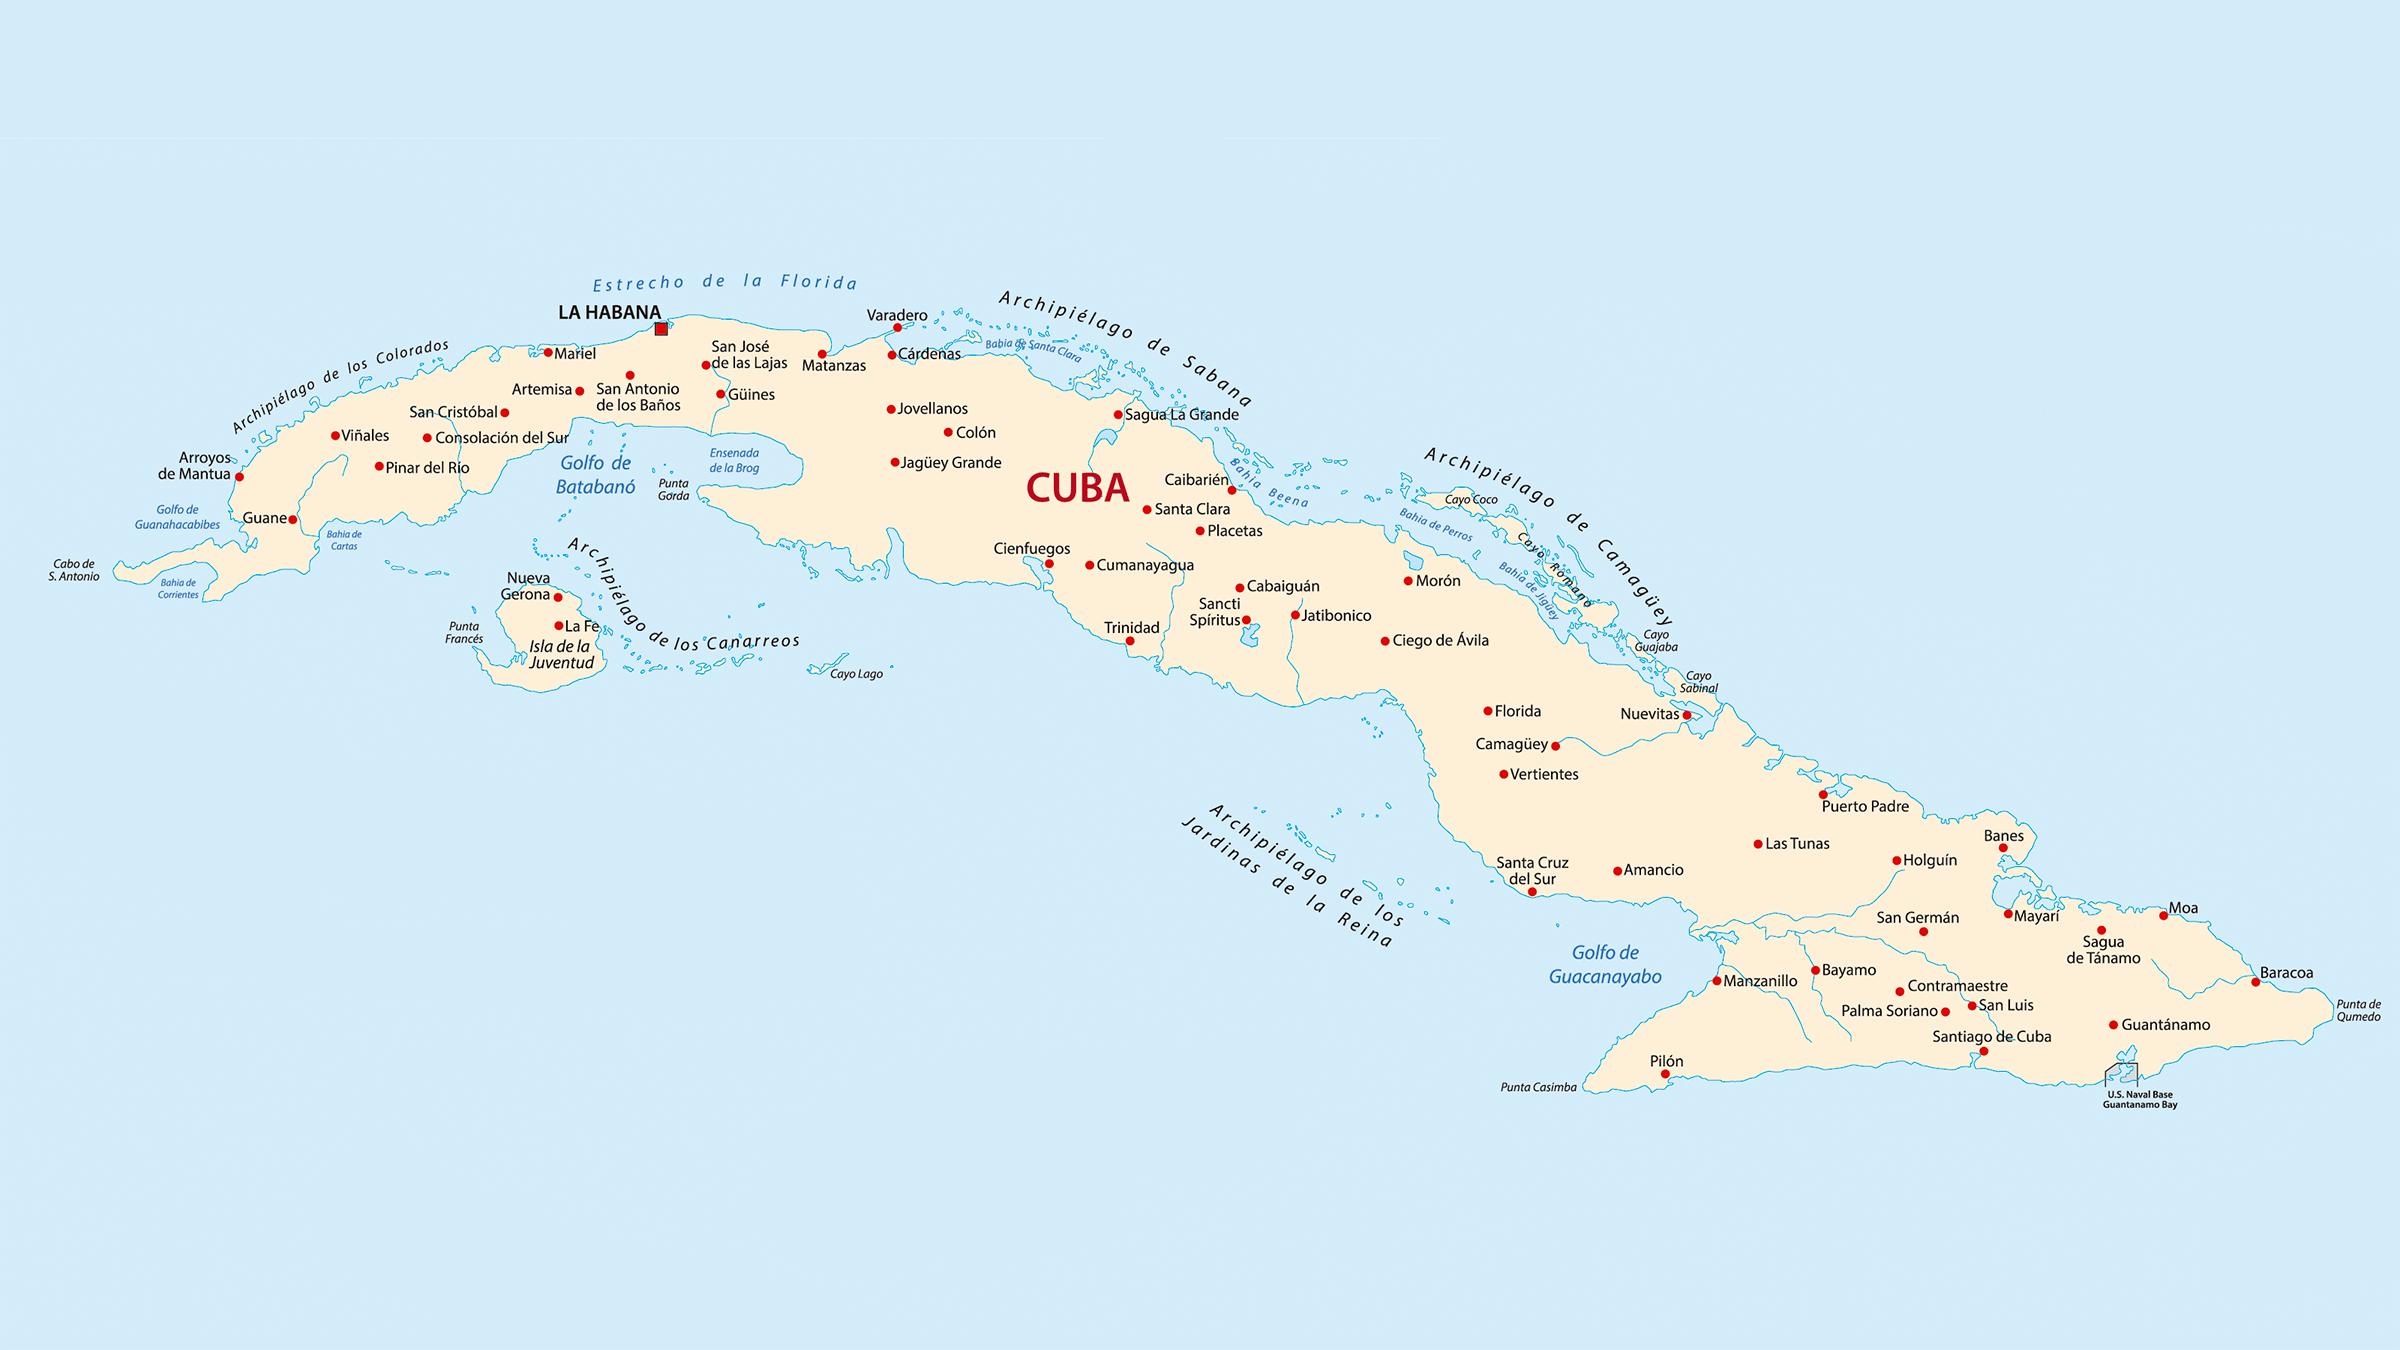 mapa de cuba Mapa de municipios de Cuba mapa de cuba